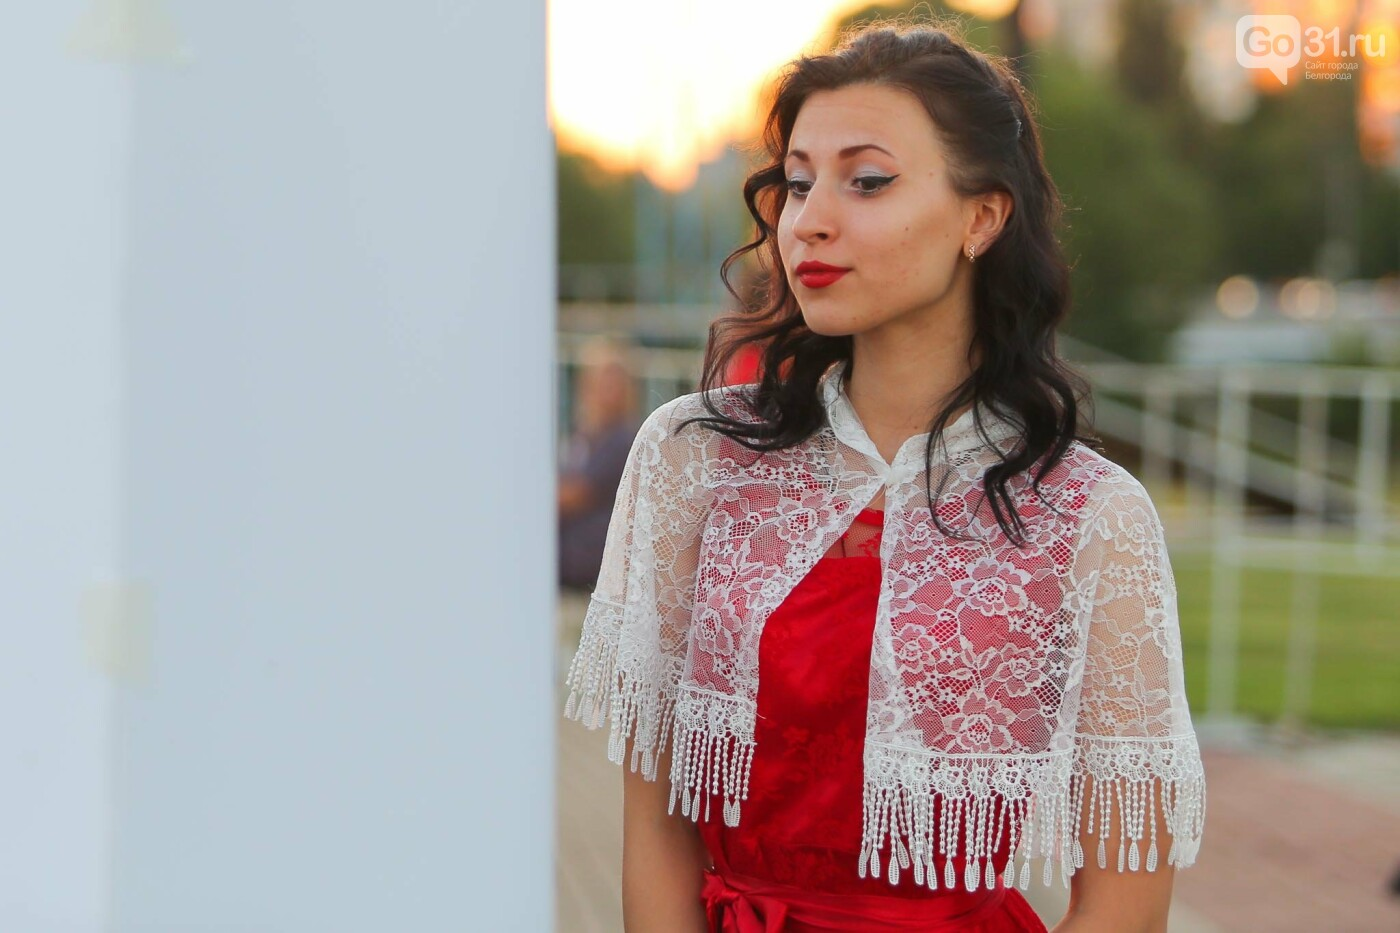 Общегородской школьный выпускной в Белгороде. Фоторепортаж, фото-16, Фото: Антон Вергун